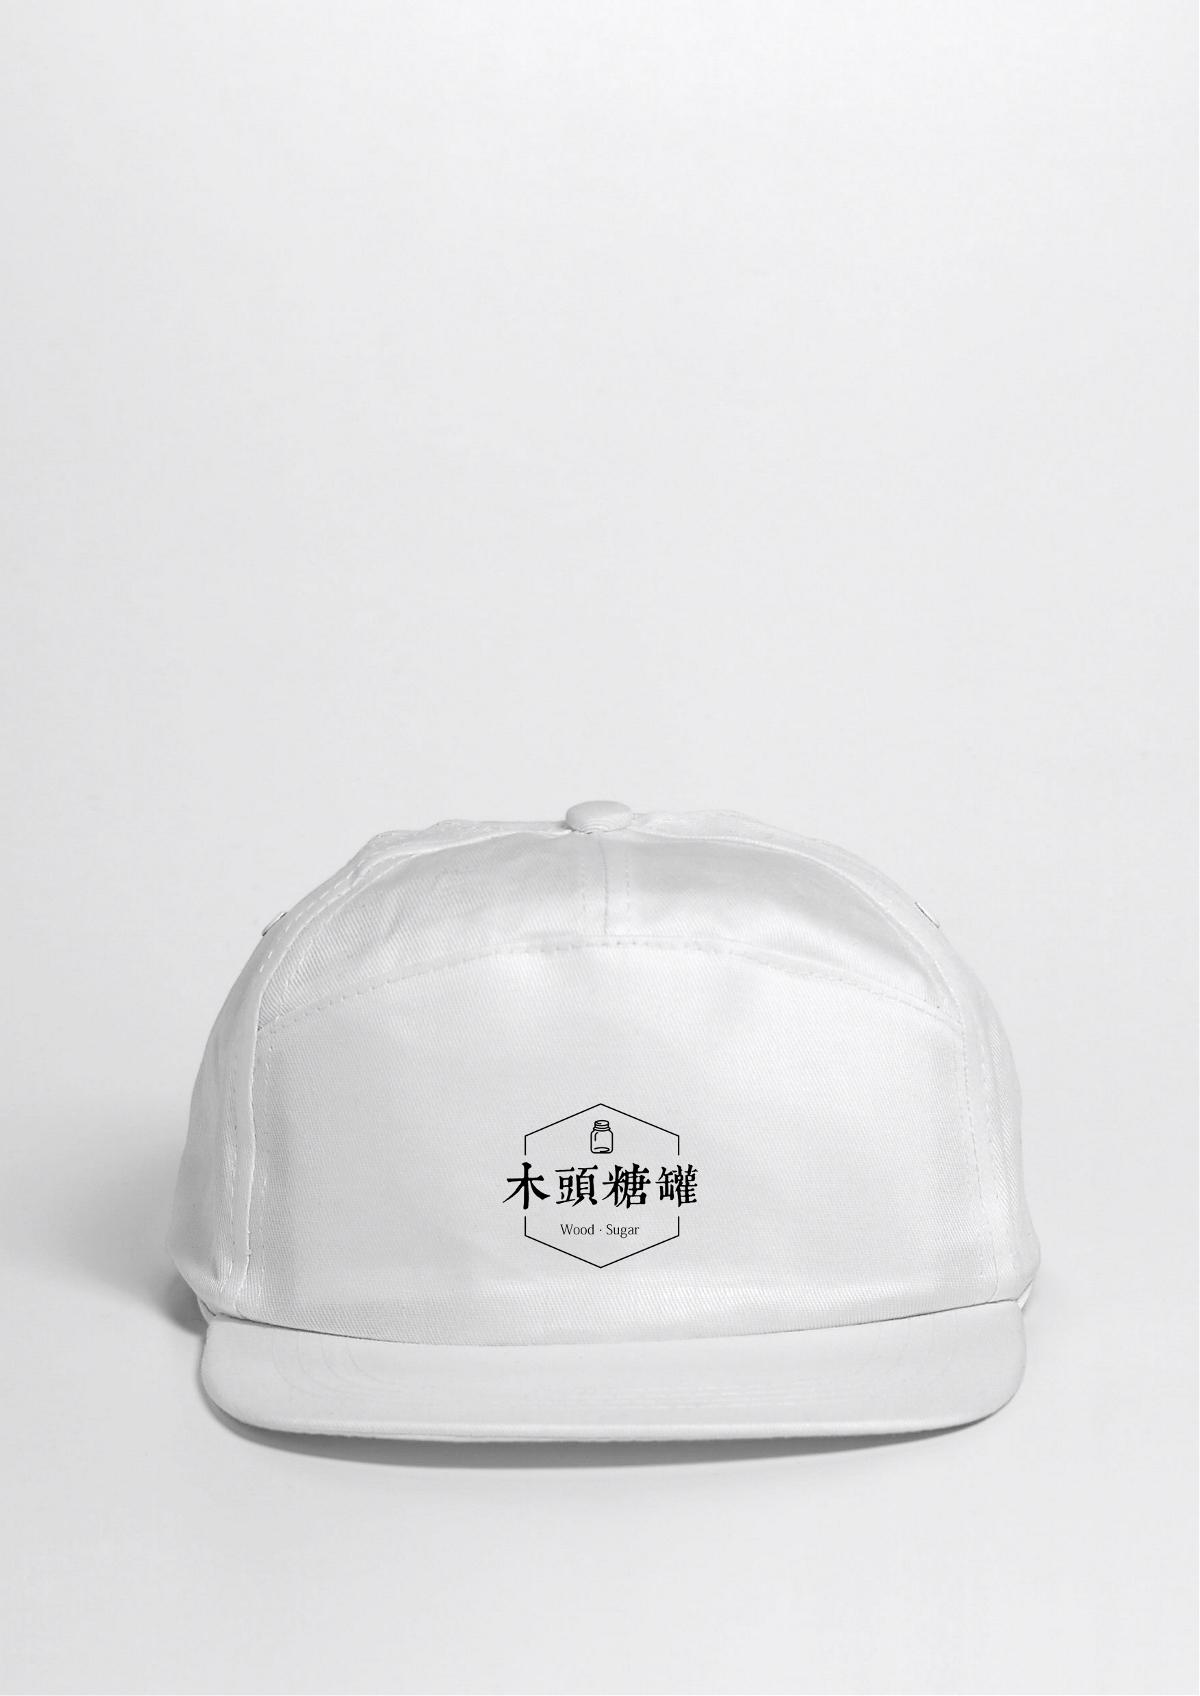 木头糖罐-logo设计